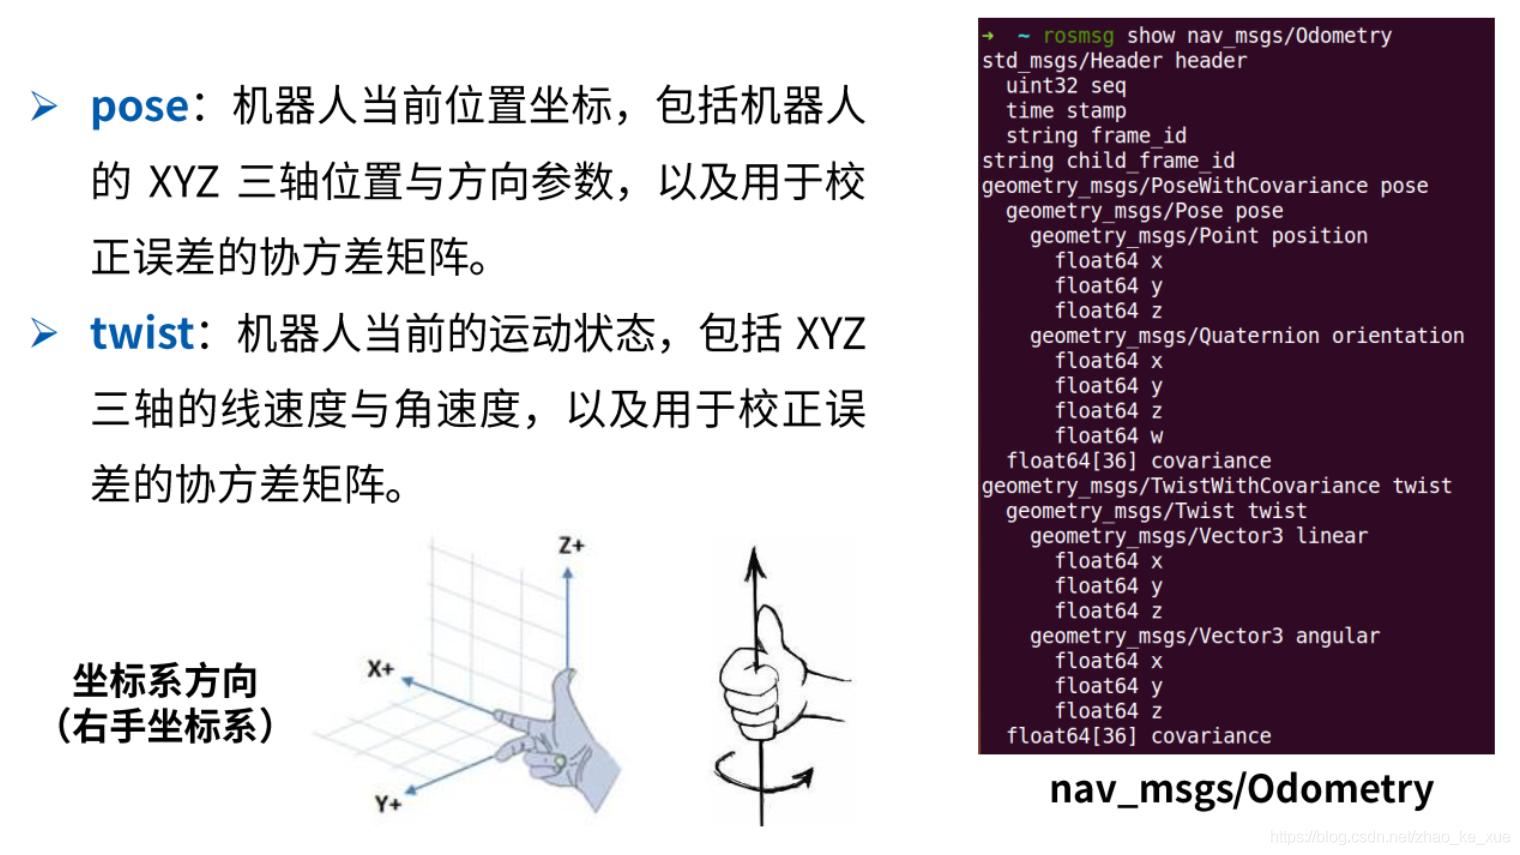 \[外链图片转存失败,源站可能有防盗链机制,建议将图片保存下来直接上传(img-YMHYQCe6-1599411344591)(https://i.loli.net/2020/09/06/BkHCelIPox14gZR.png)\]